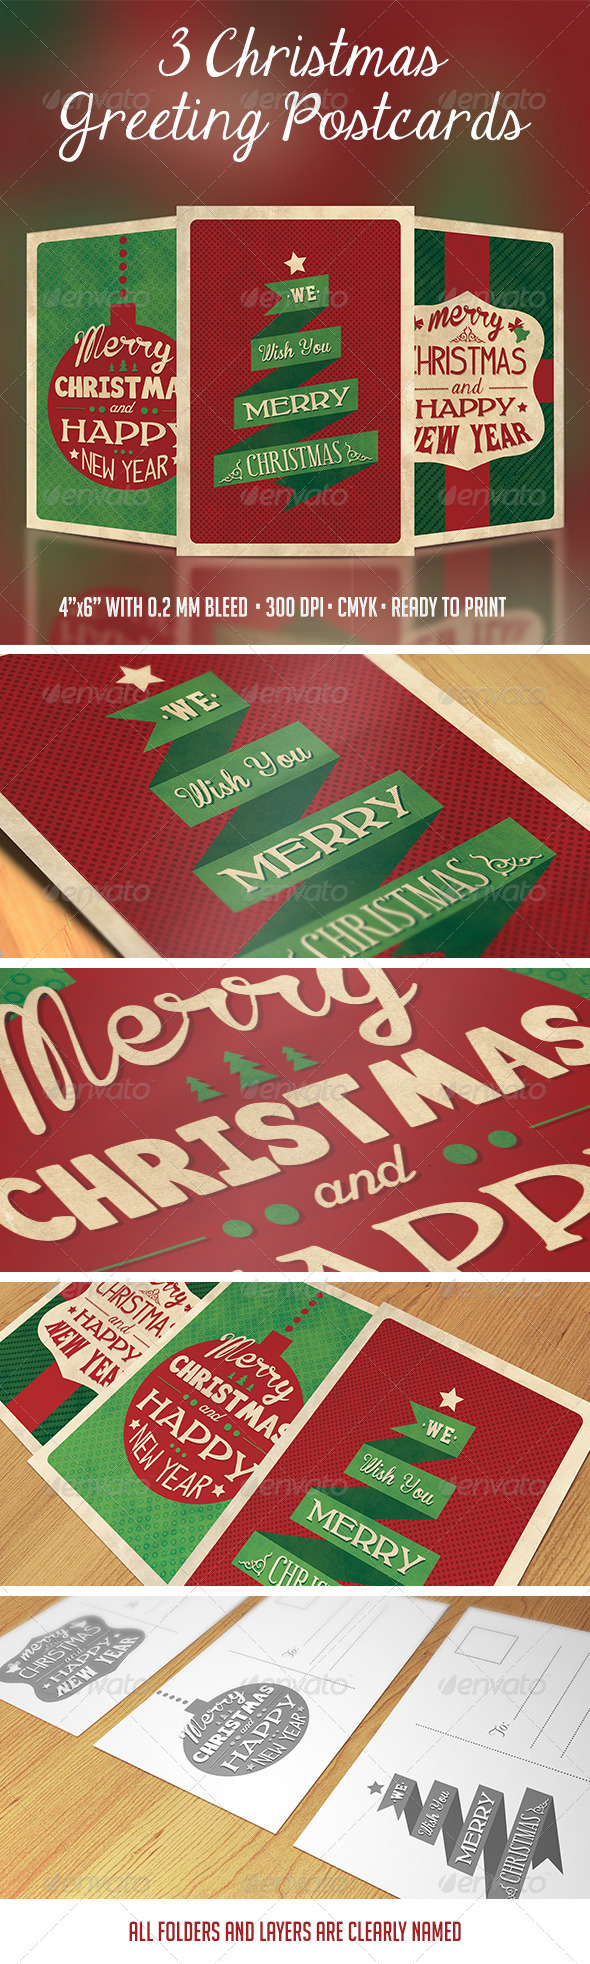 GraphicRiver 3 Christmas Greeting Postcards 6134892